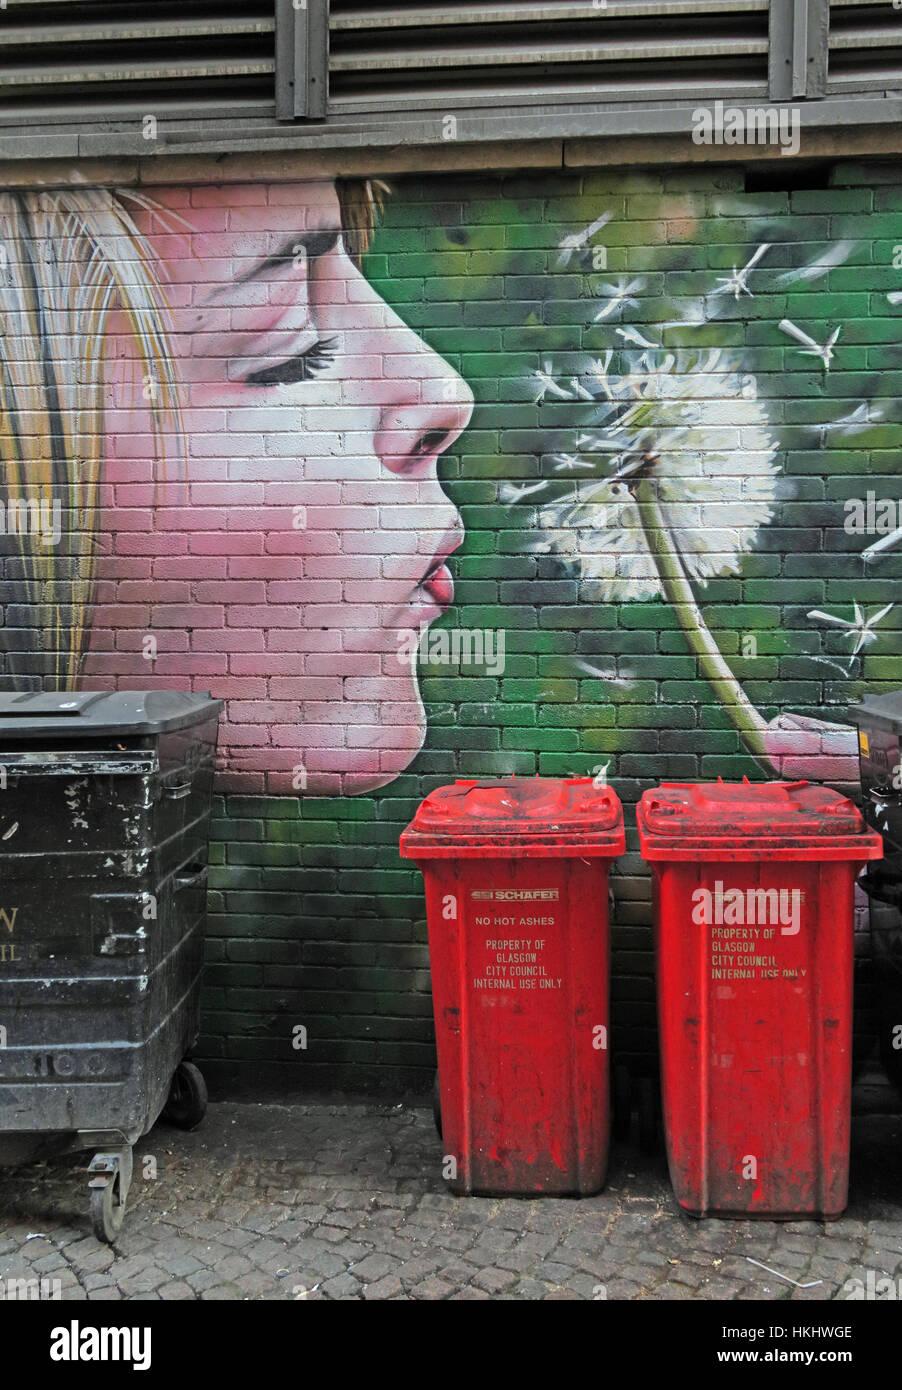 waste,Flower,dandelion,red,red